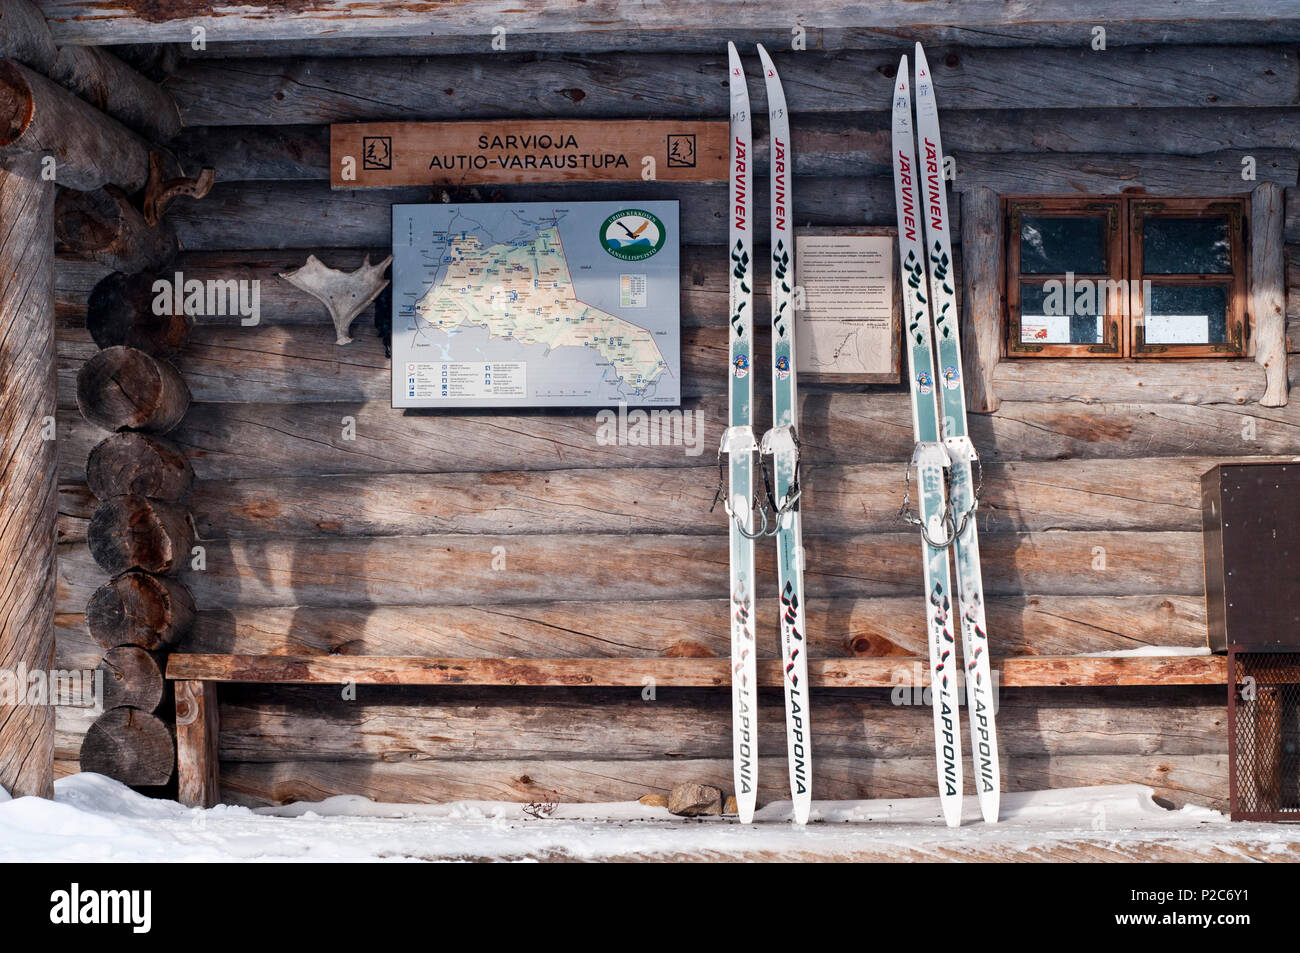 Deux paires de skis nordiques finlandais Metsasukset, soi-disant, appuyé contre le bois de la hutte, Kekkone Sarvioja Urho Photo Stock